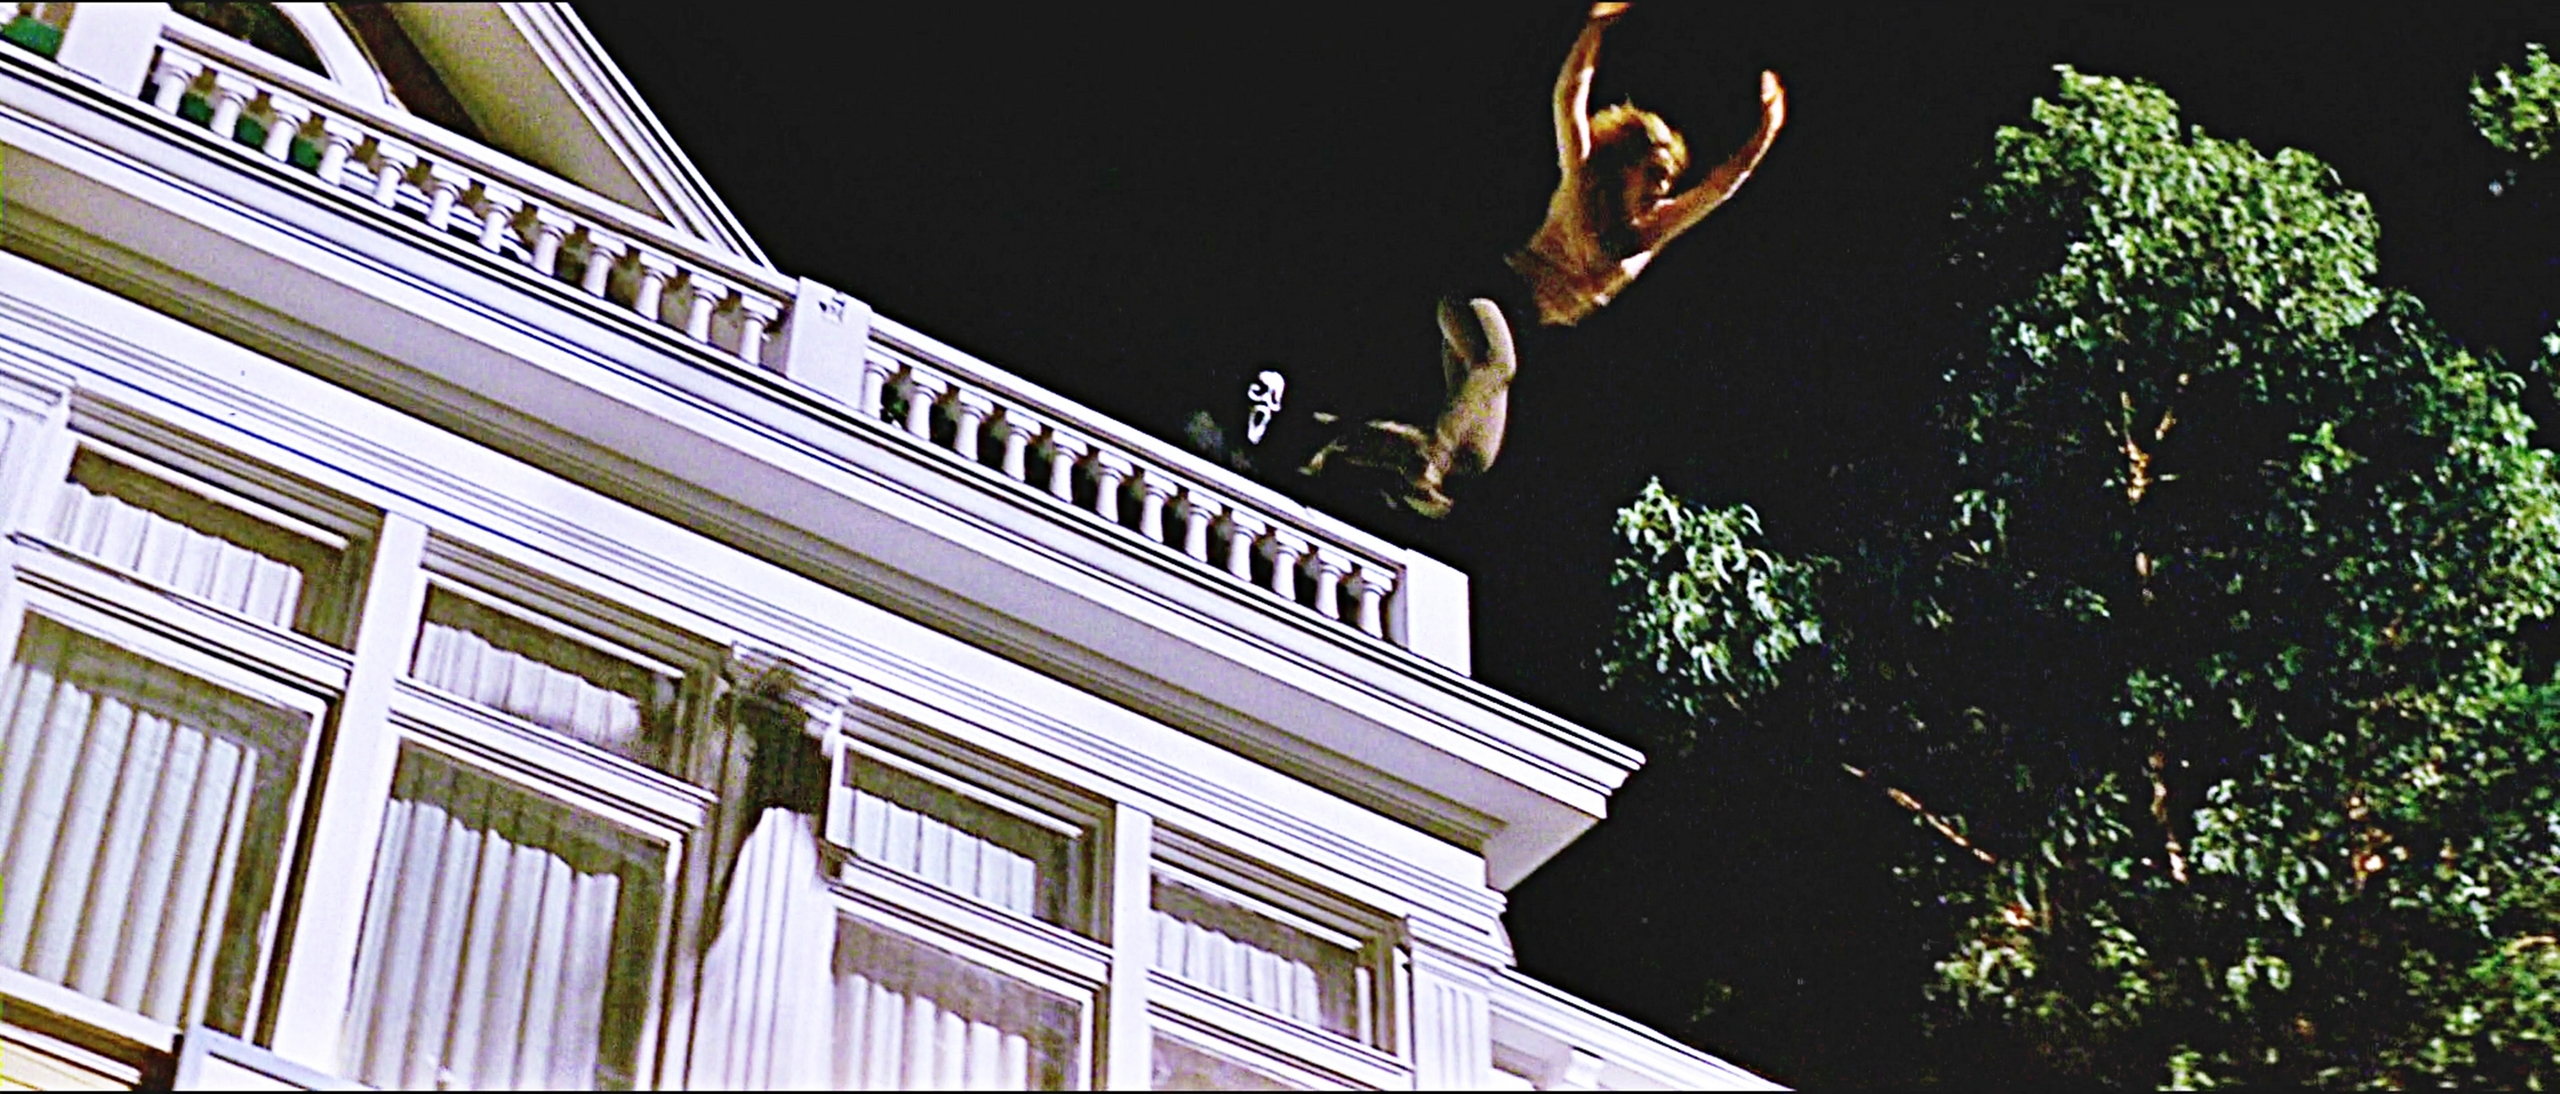 Scream 2 - Ghostface & Cici Cooper